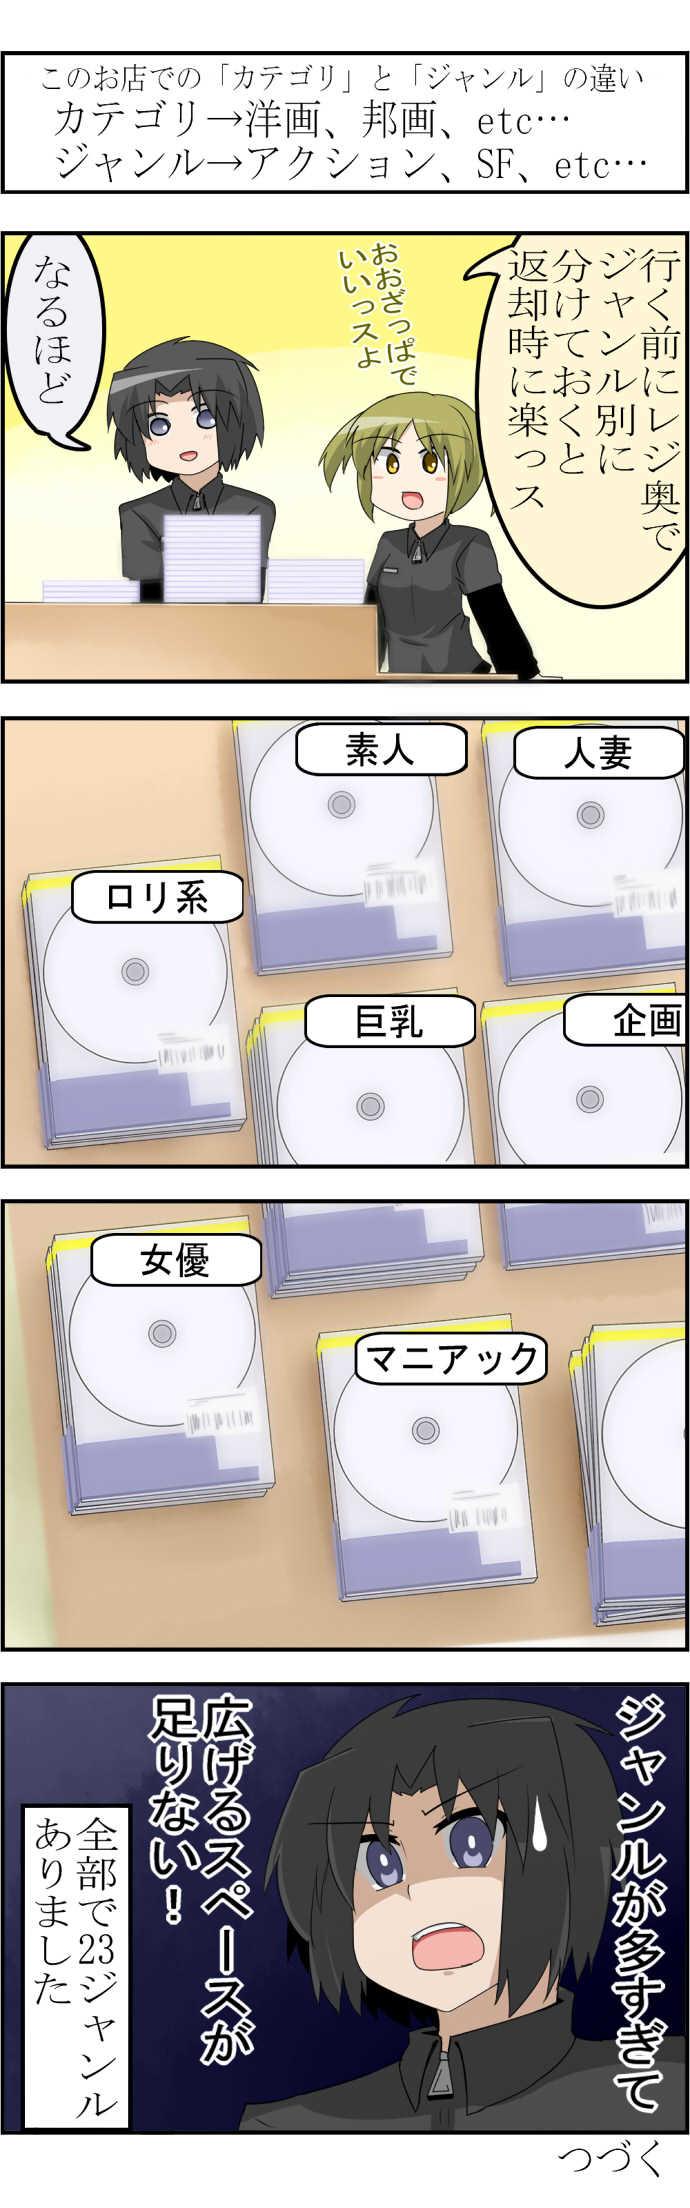 第4話 はじめてのアダルト返却(前編)